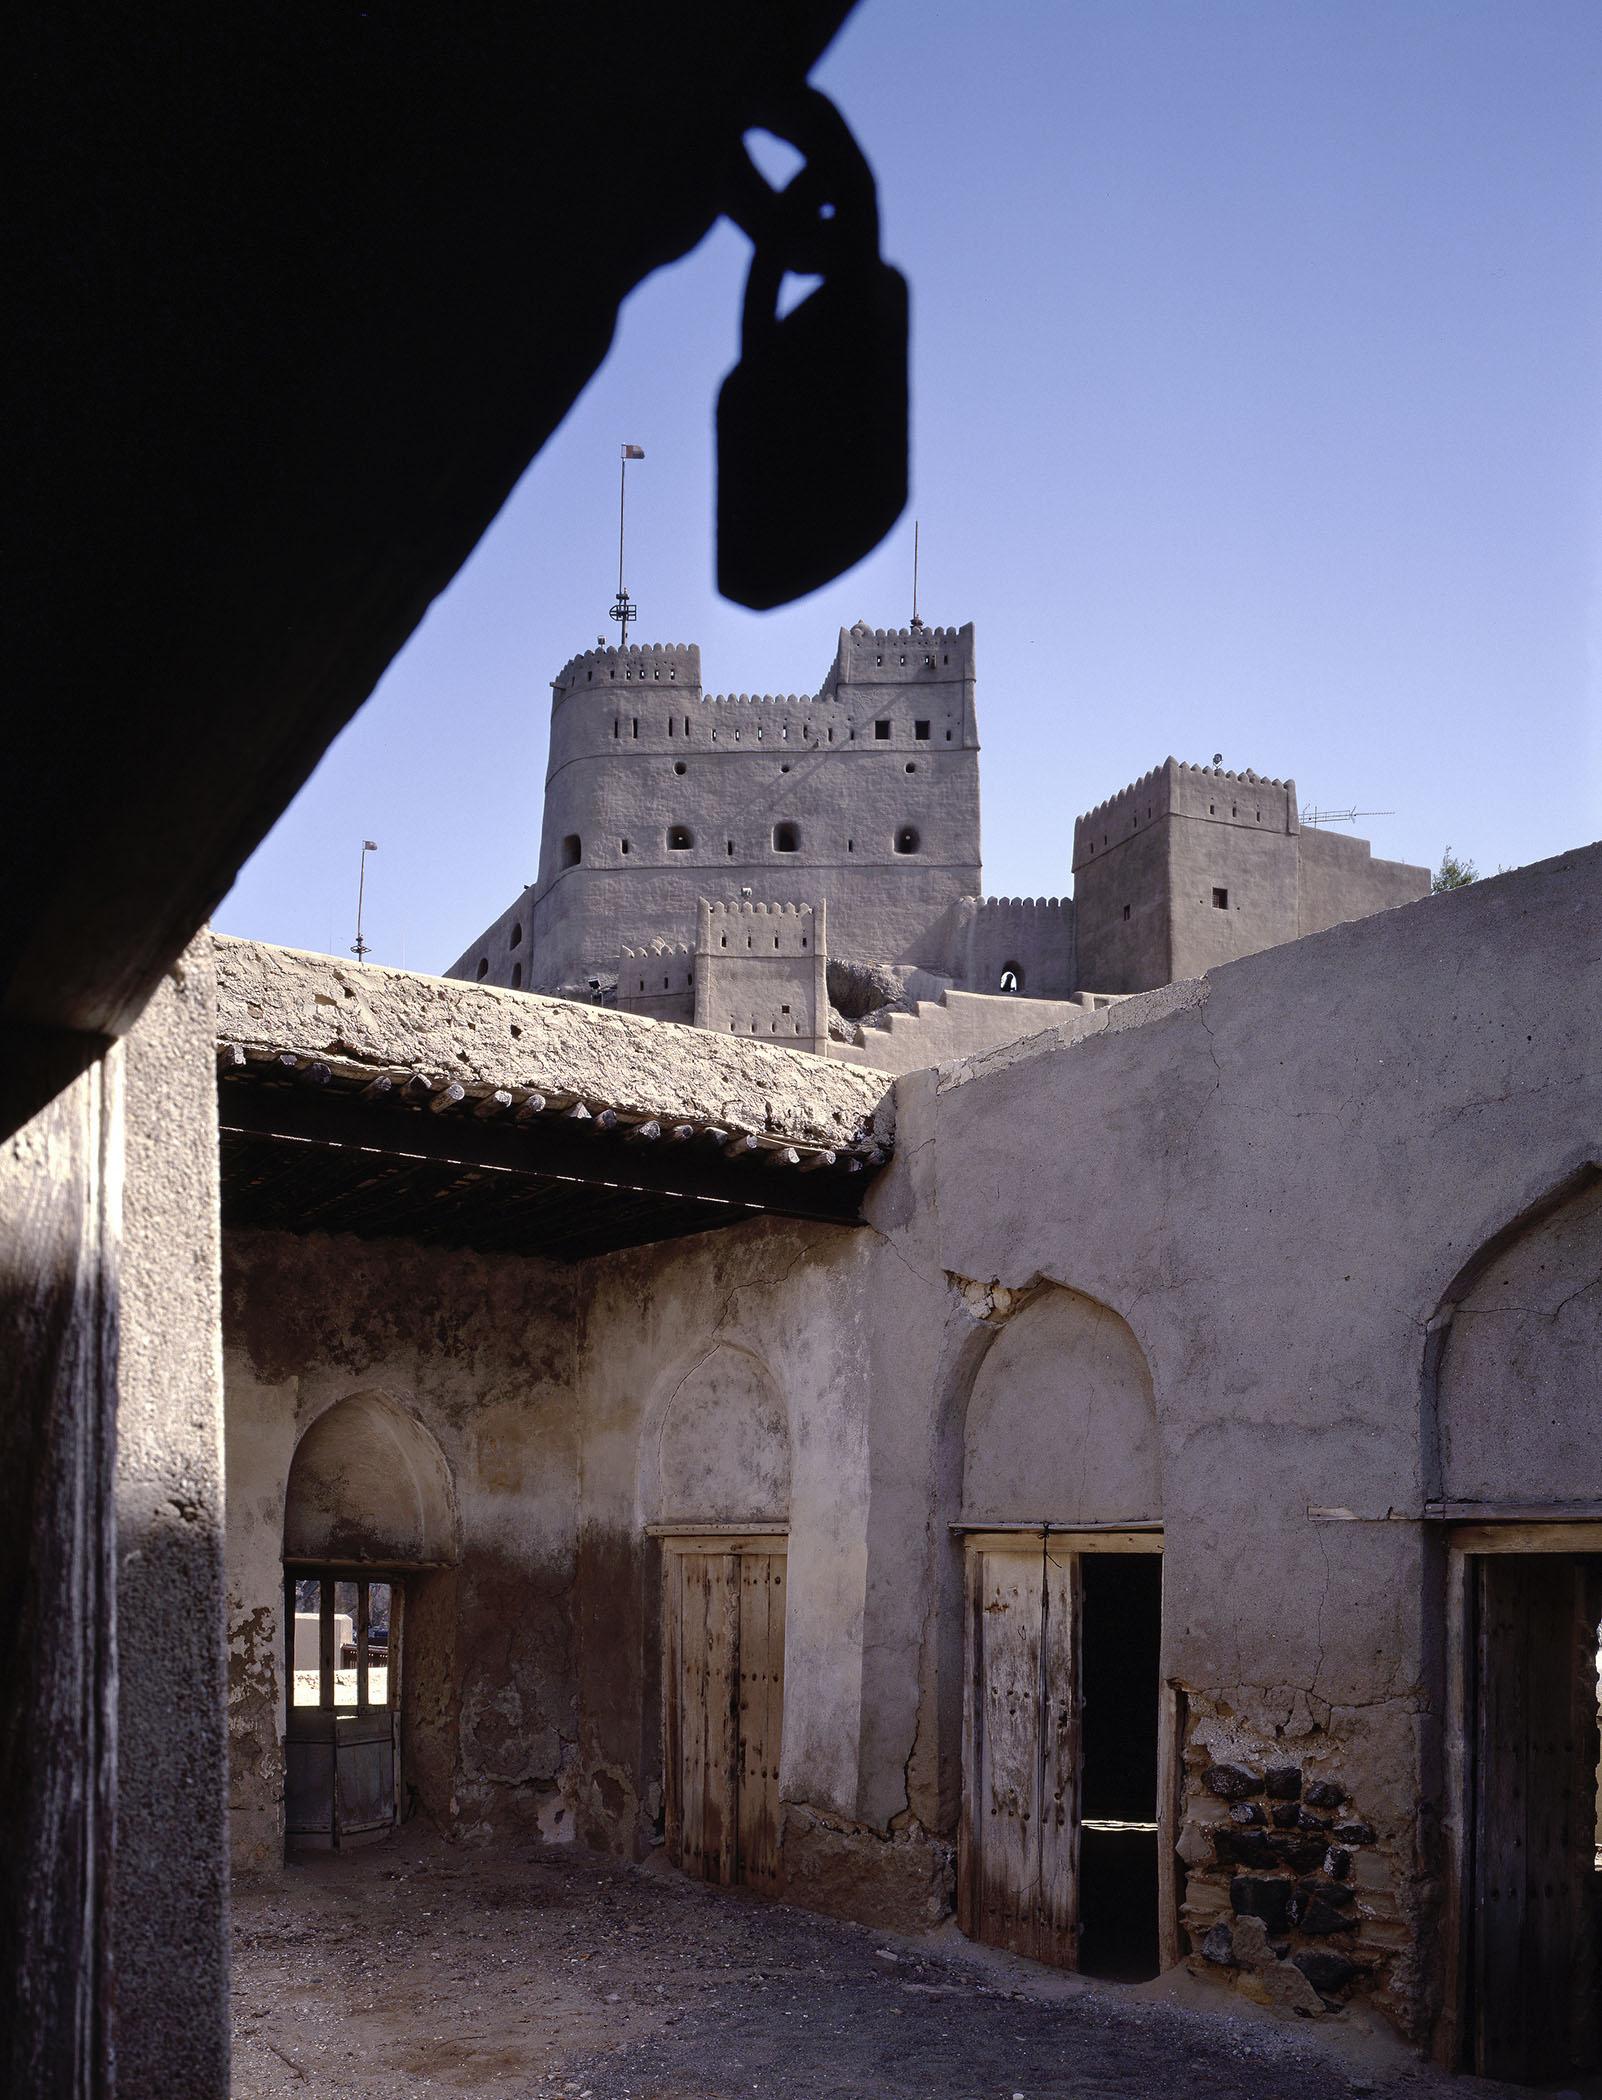 Al-Jalali Fort